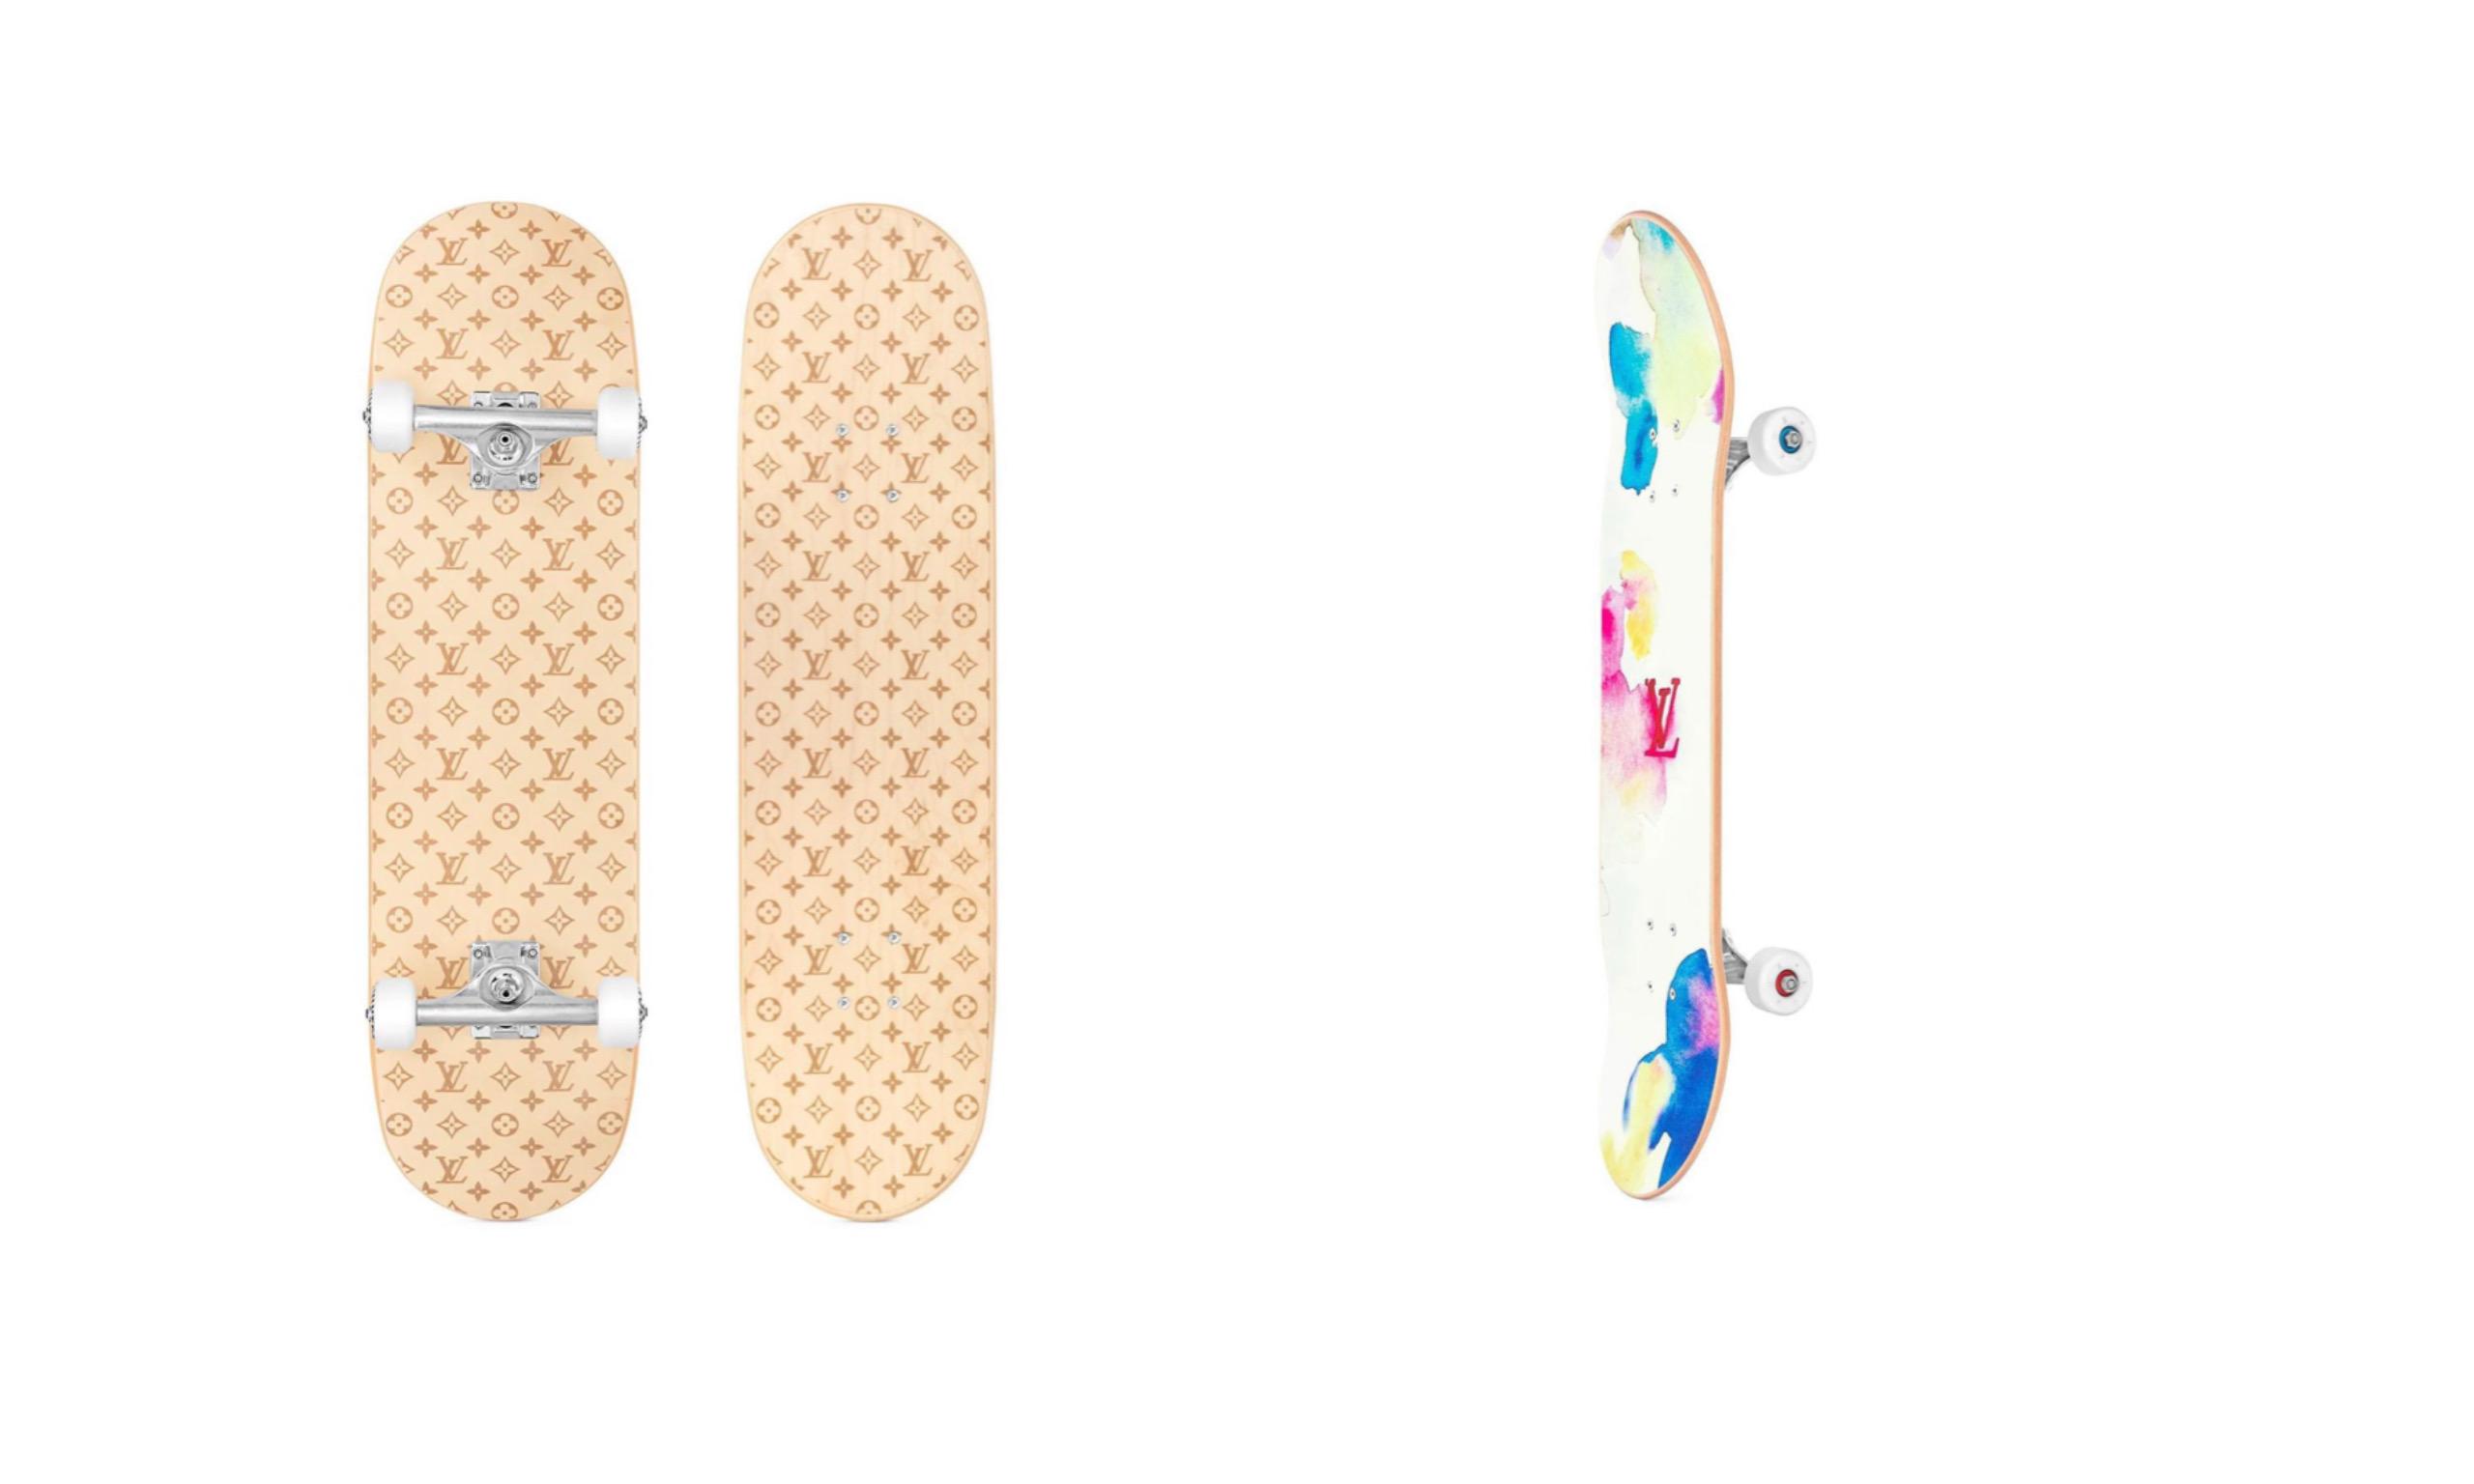 LOUIS VUITTON 2021 春夏滑板系列发布